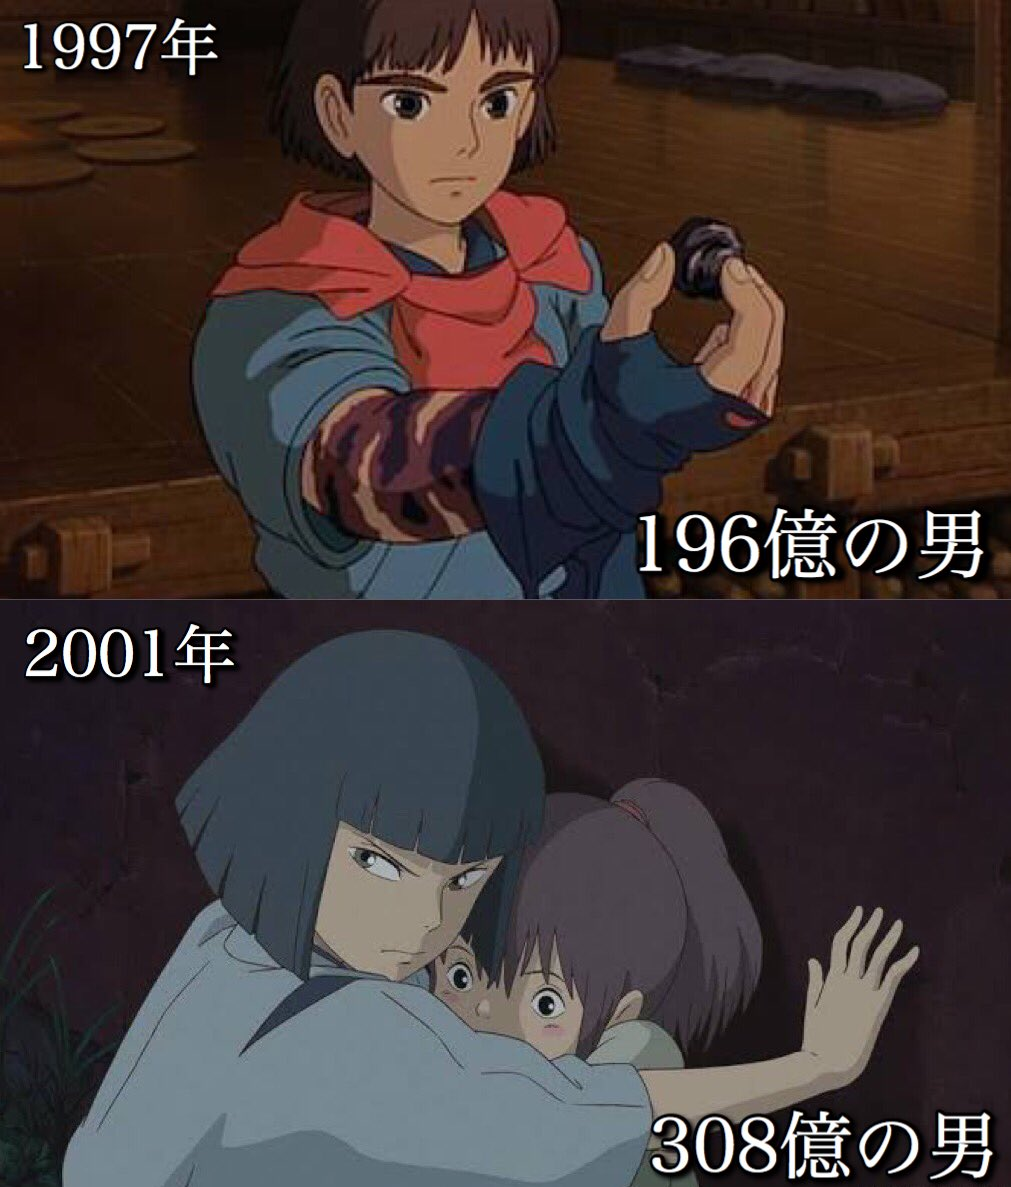 アニメ映画史に名を残したイケメンたち